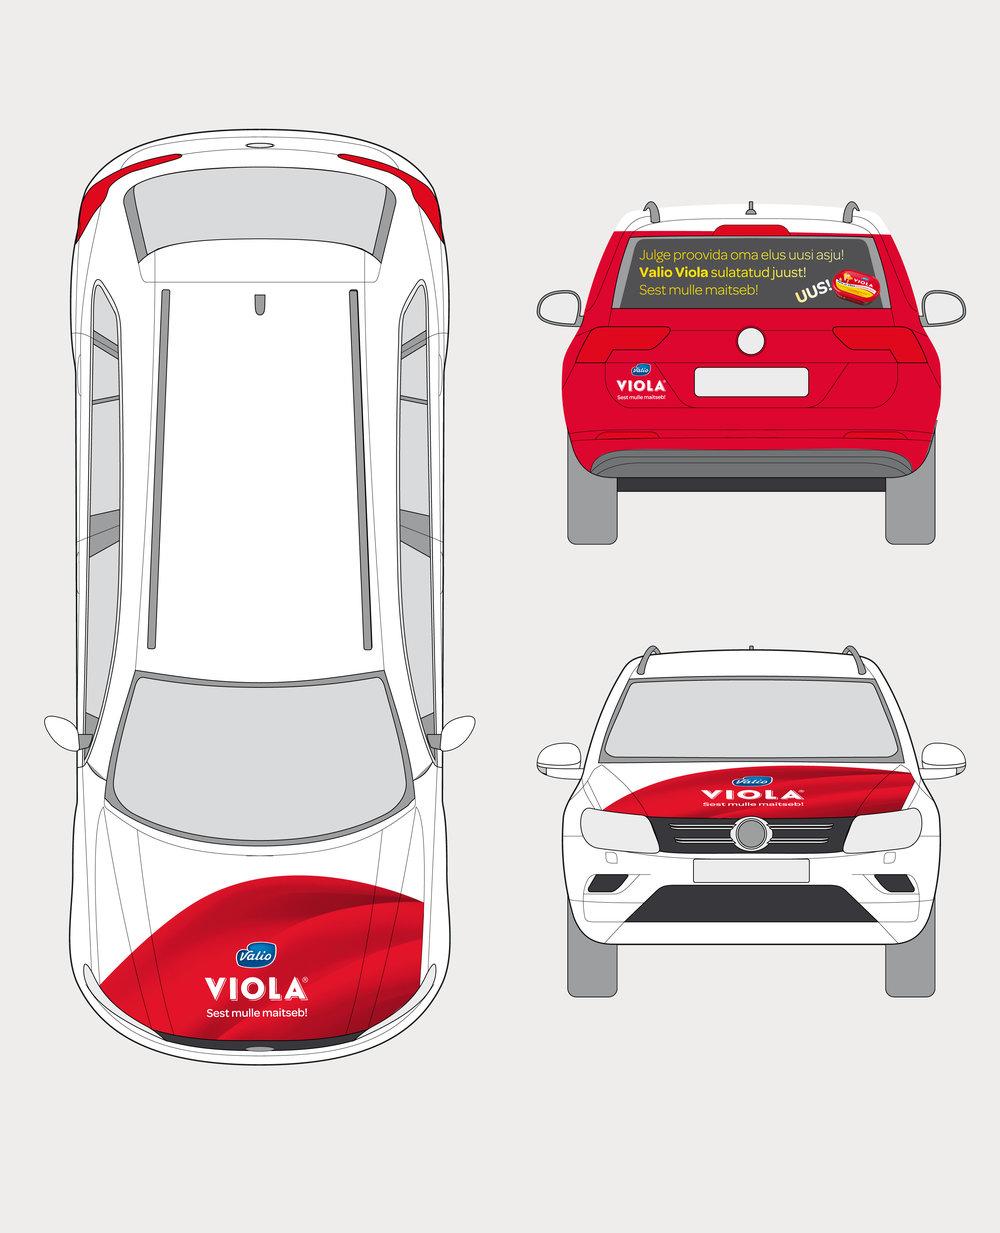 Valio Viola auto kujundus eeest ja tagant